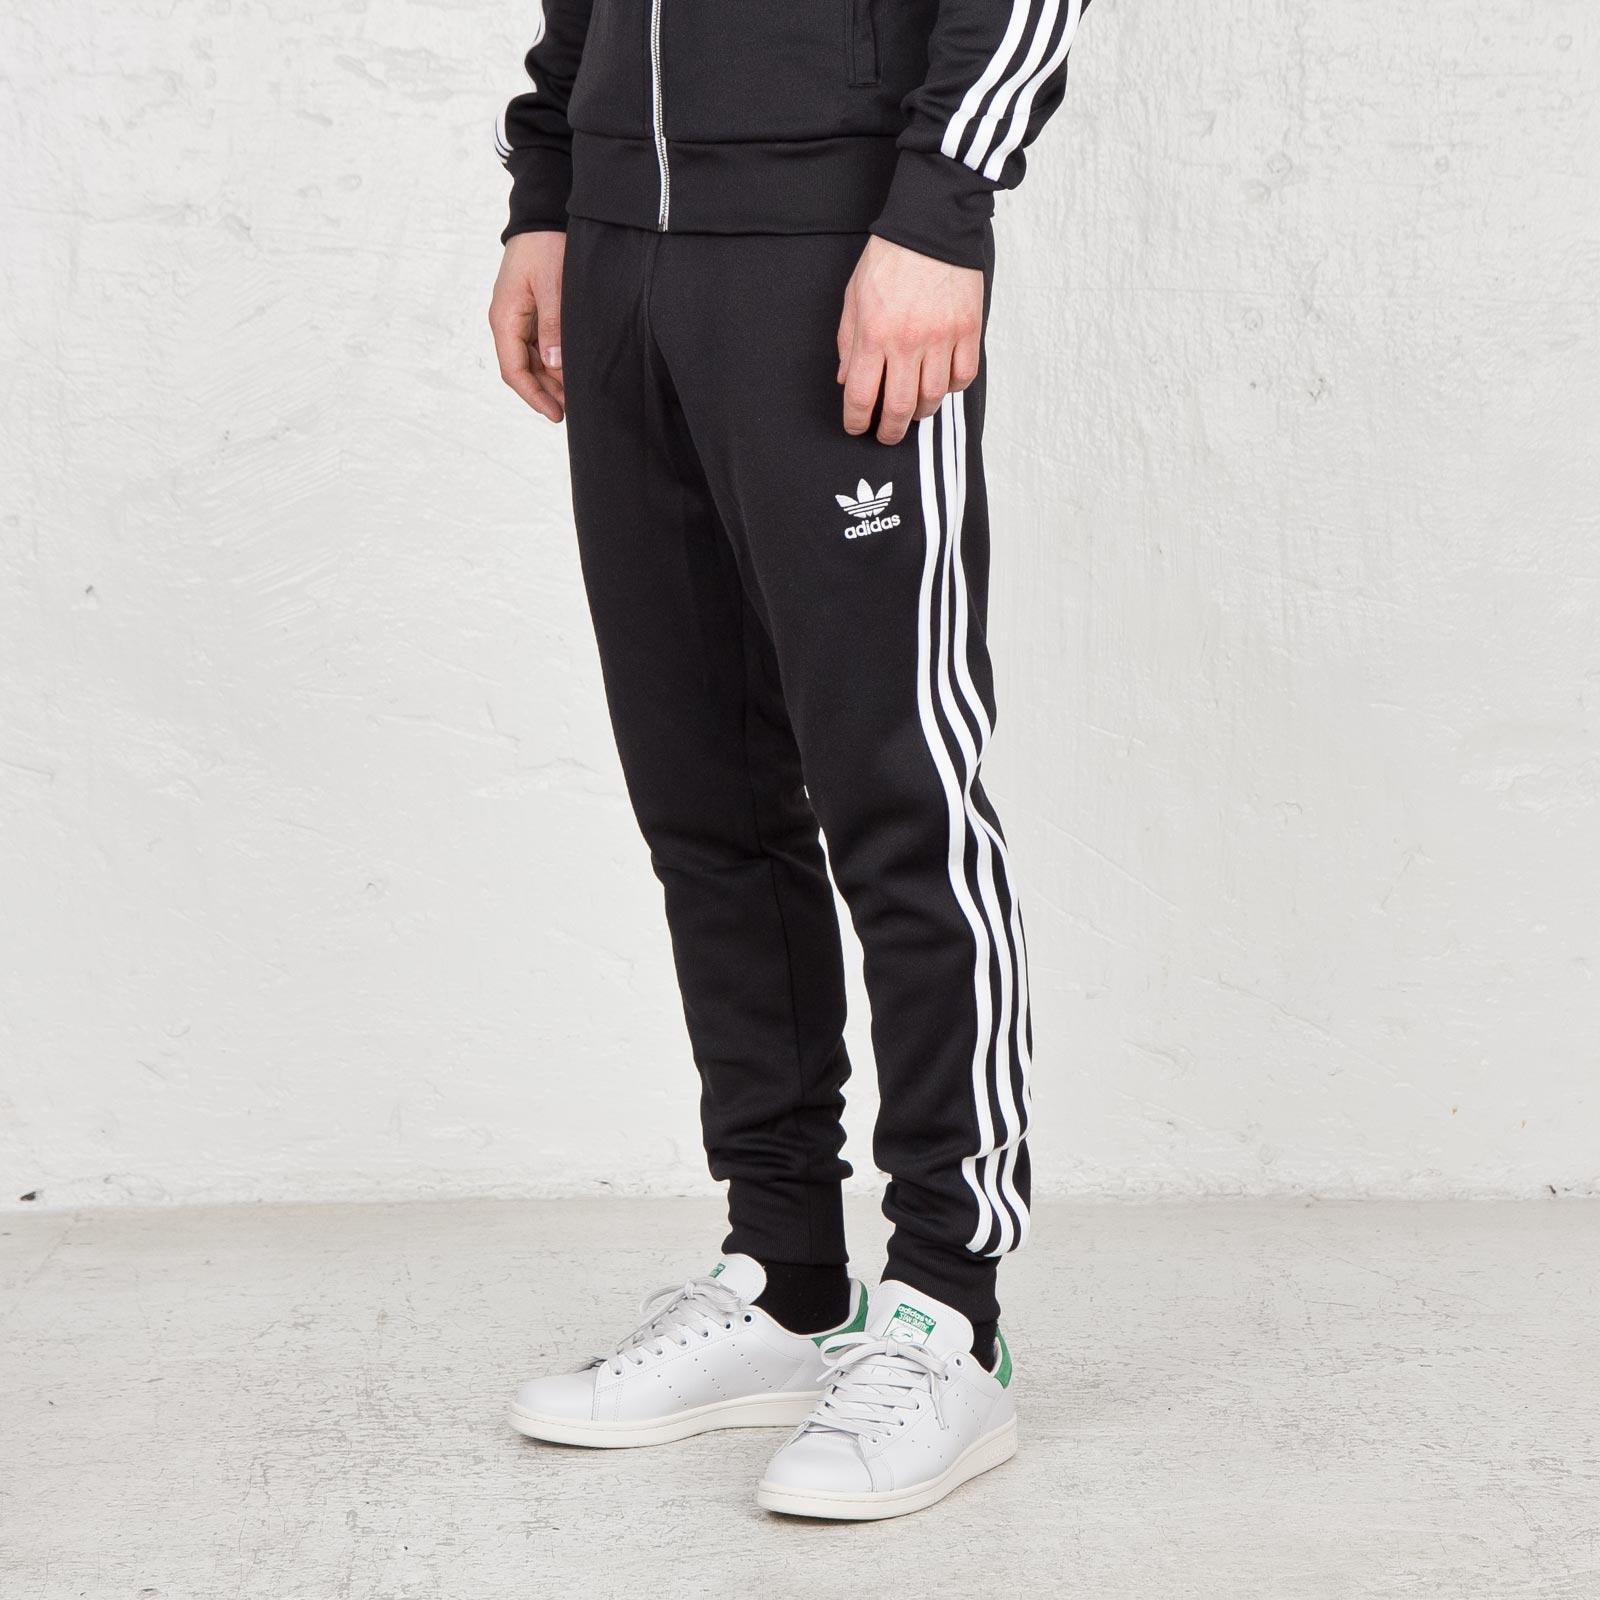 timeless design 94b30 31629 adidas Superstar Cuffed Track Pant adidas Superstar Cuffed Track Pant ...